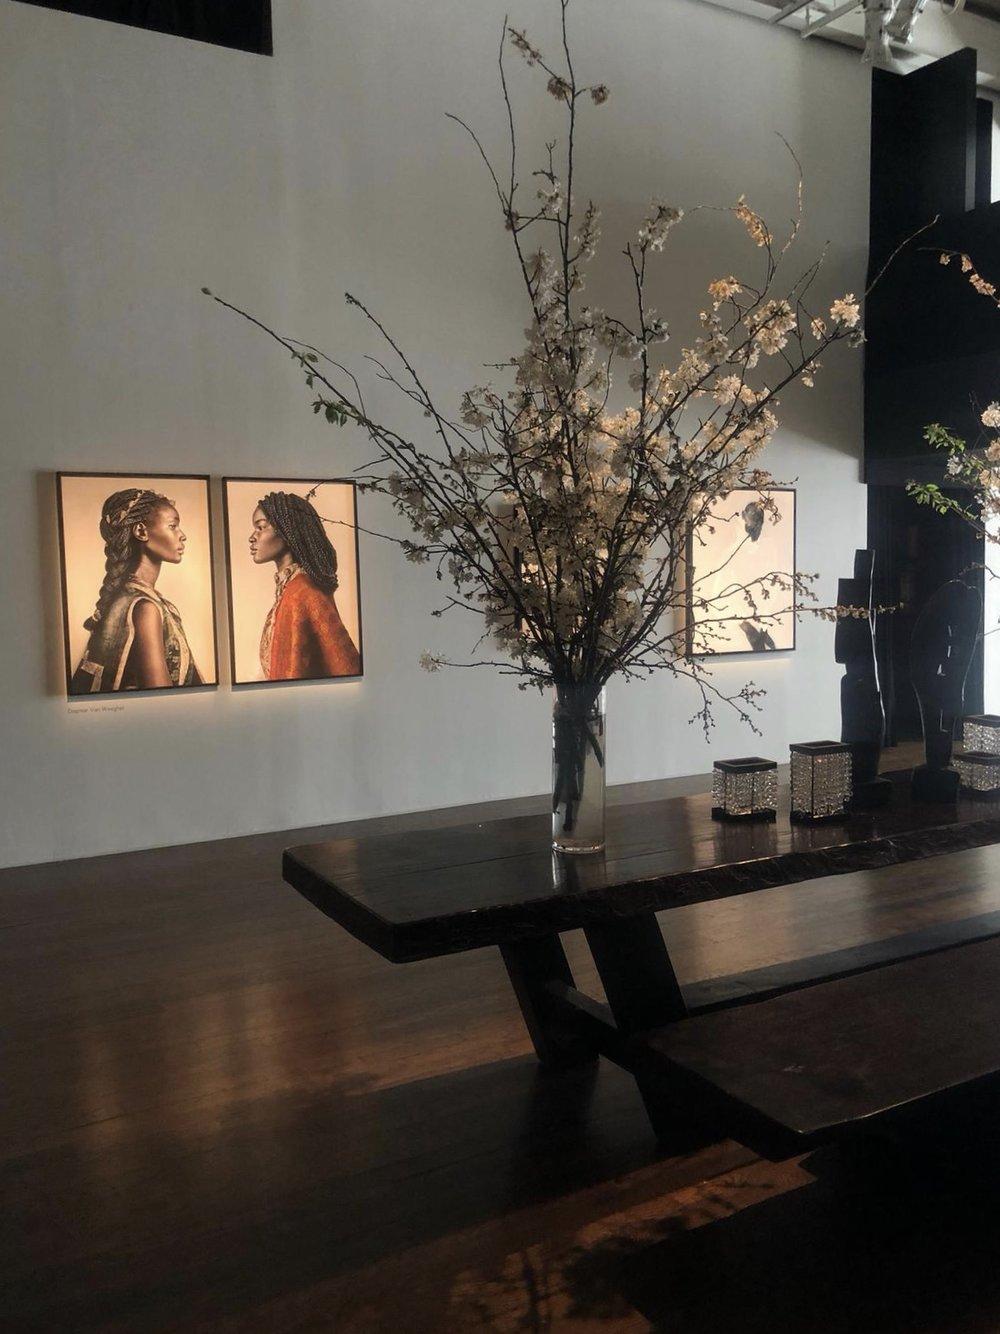 Urban Zen's gallery space in NYC.